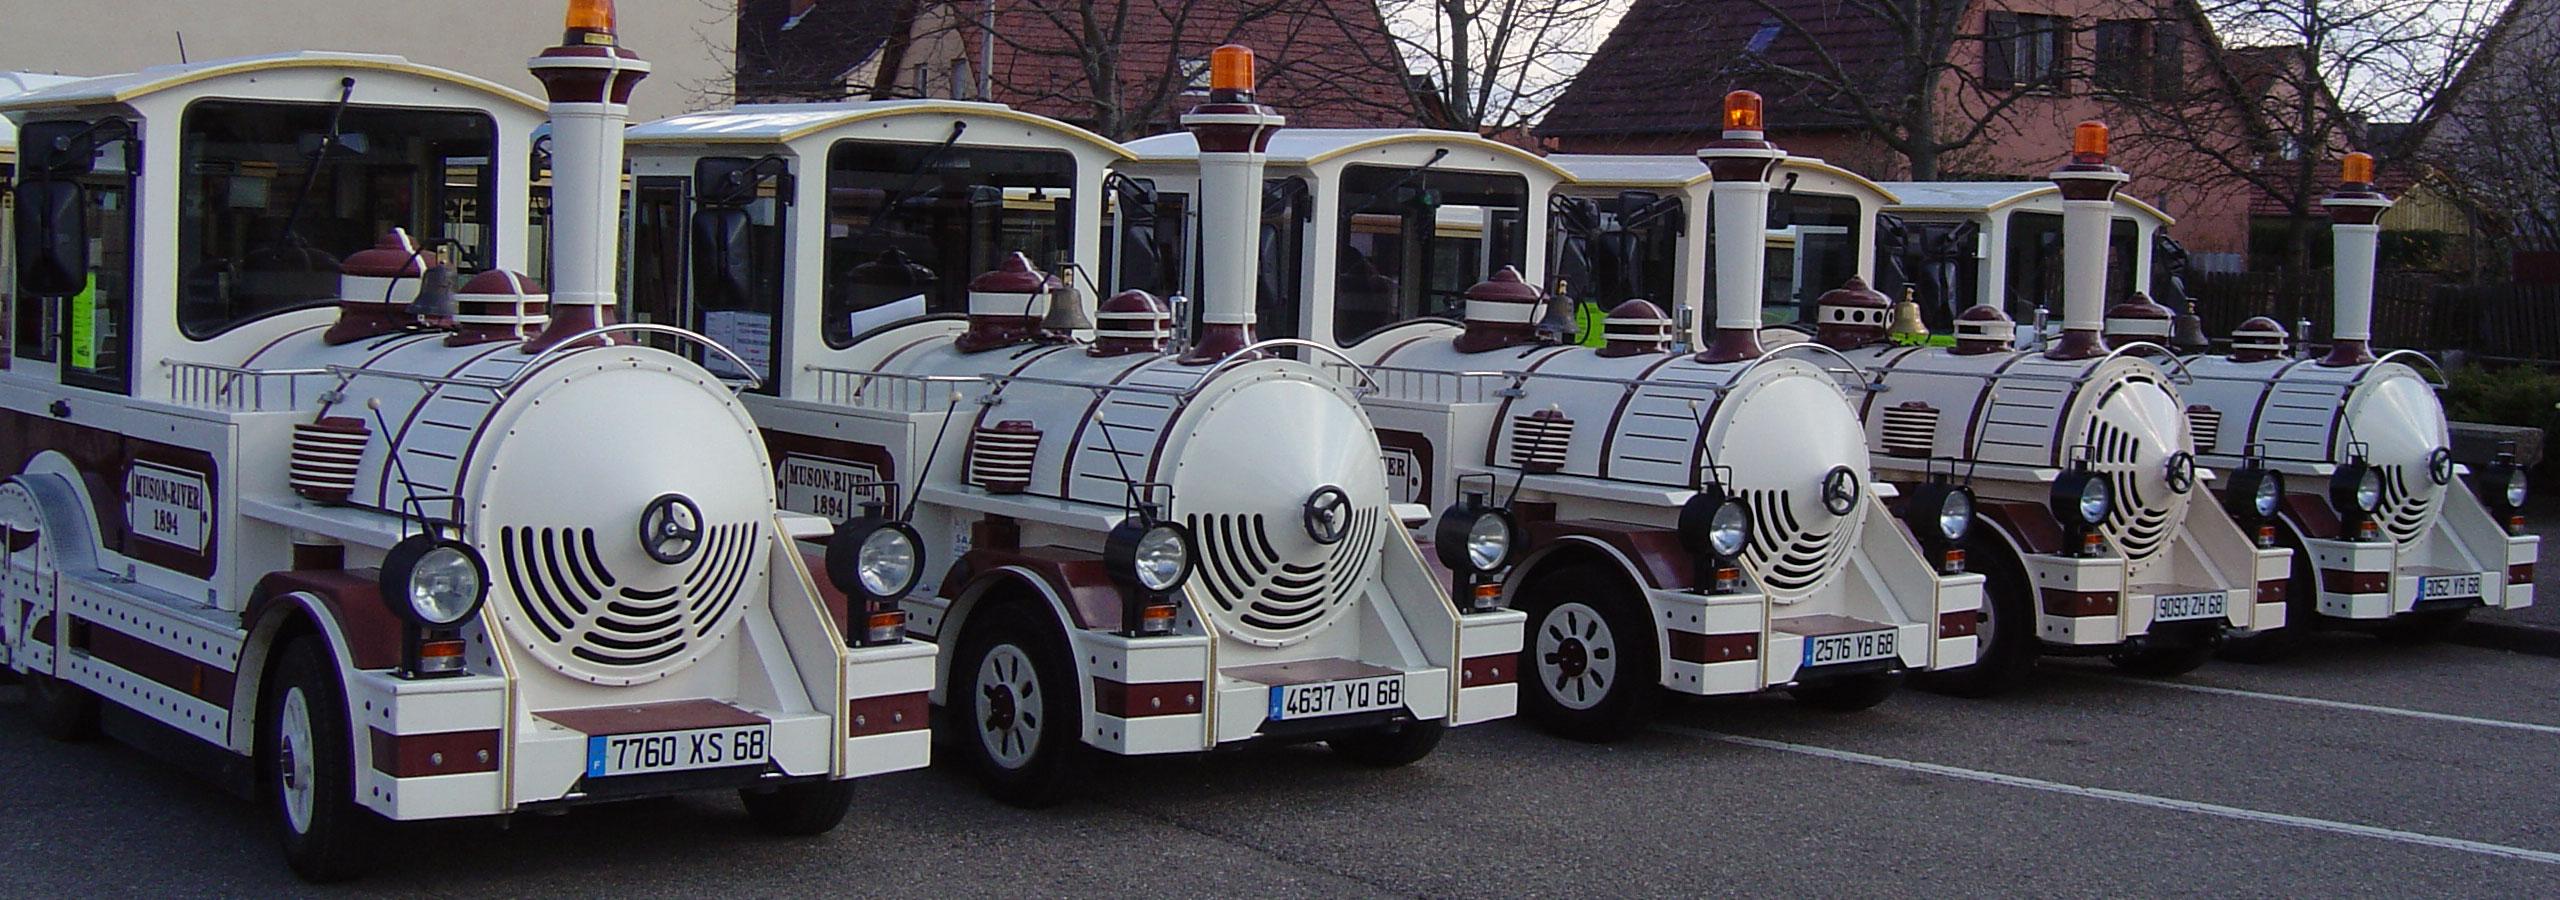 petits-trains-slide01